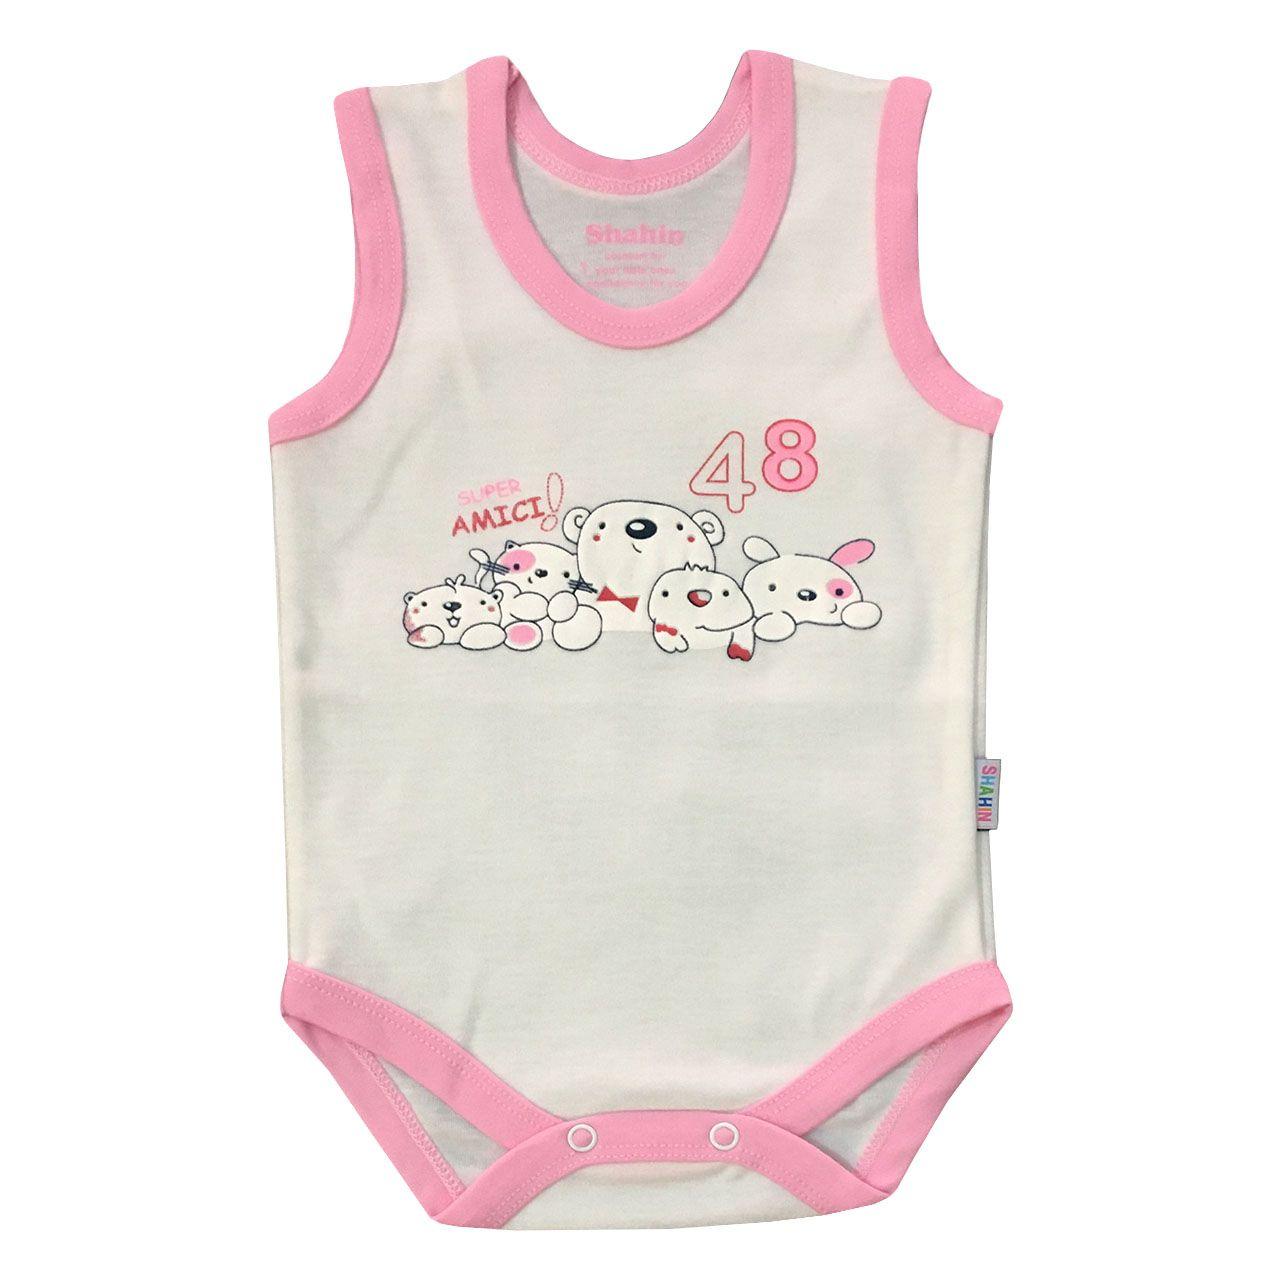 ست 3 تکه لباس نوزادی دخترانه شاهین طرح امیکی کد L -  - 3